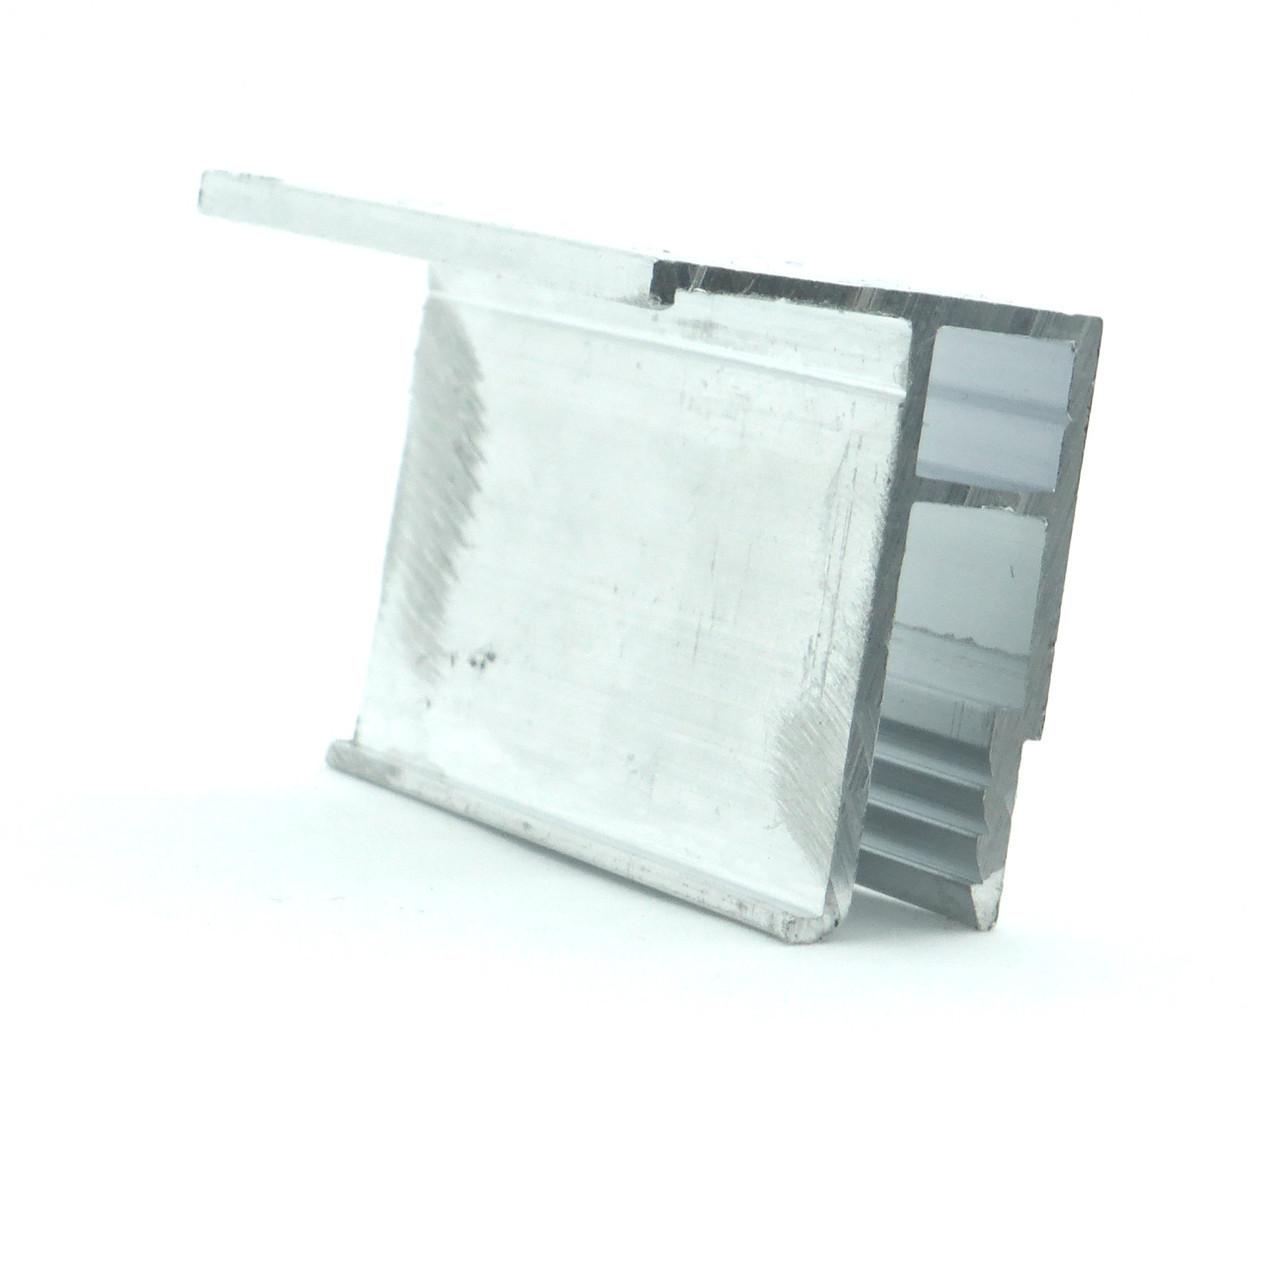 Профиль алюминиевый - Универсальный. Длина профиля 2,5 м.